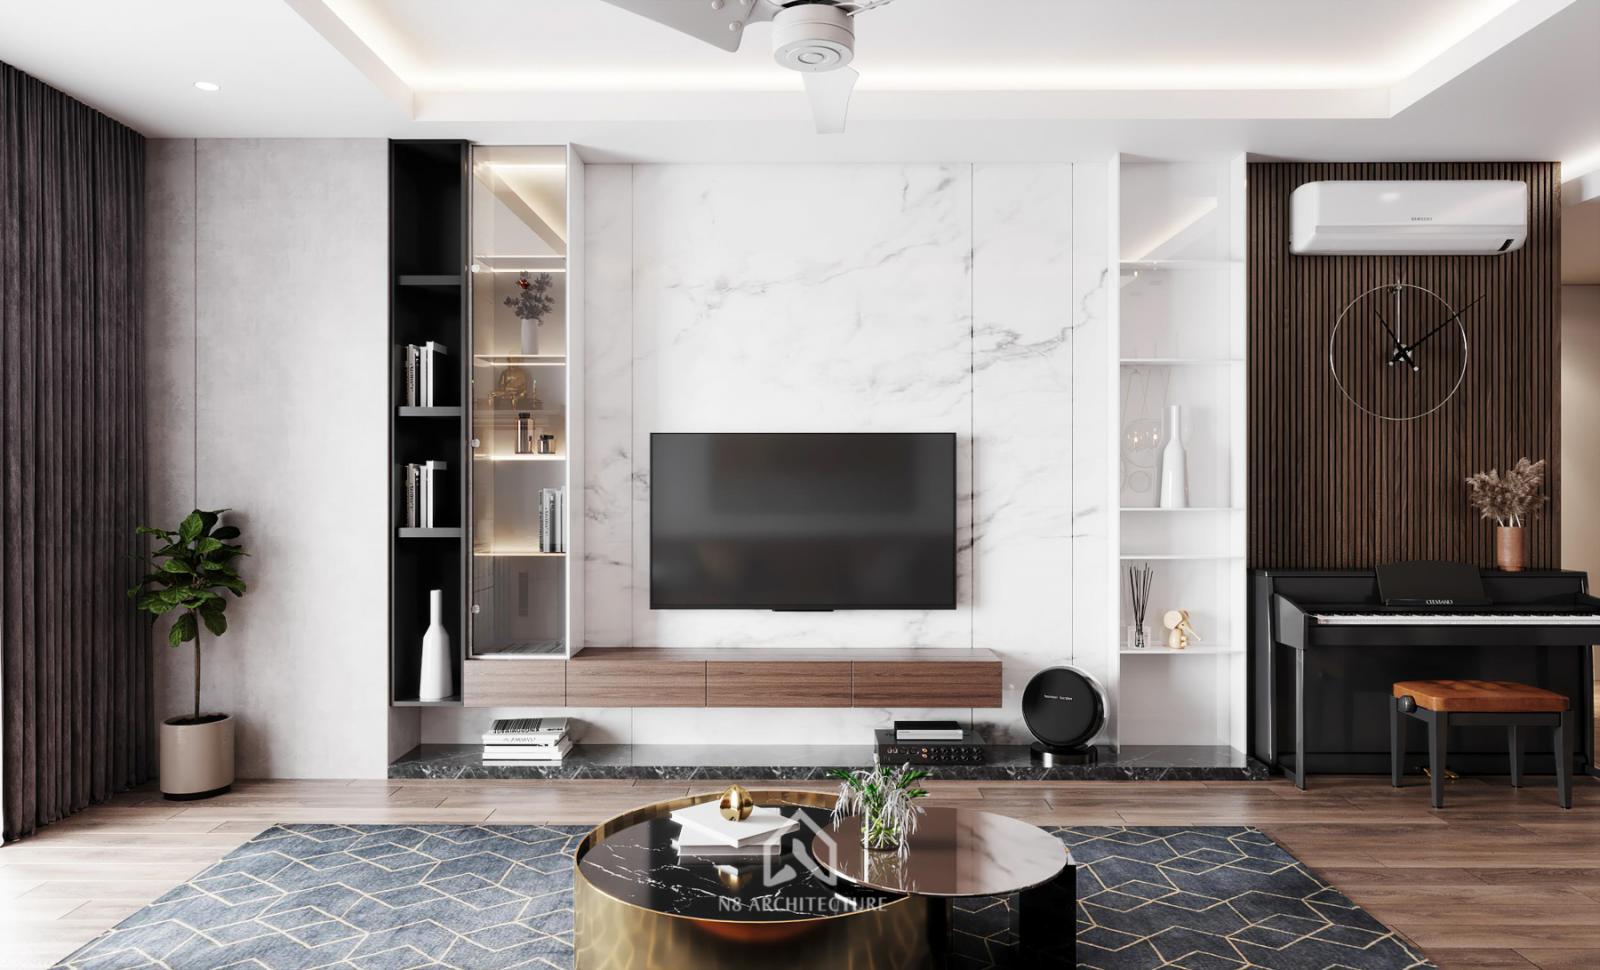 Thiết kế hiện đại cho chung cư